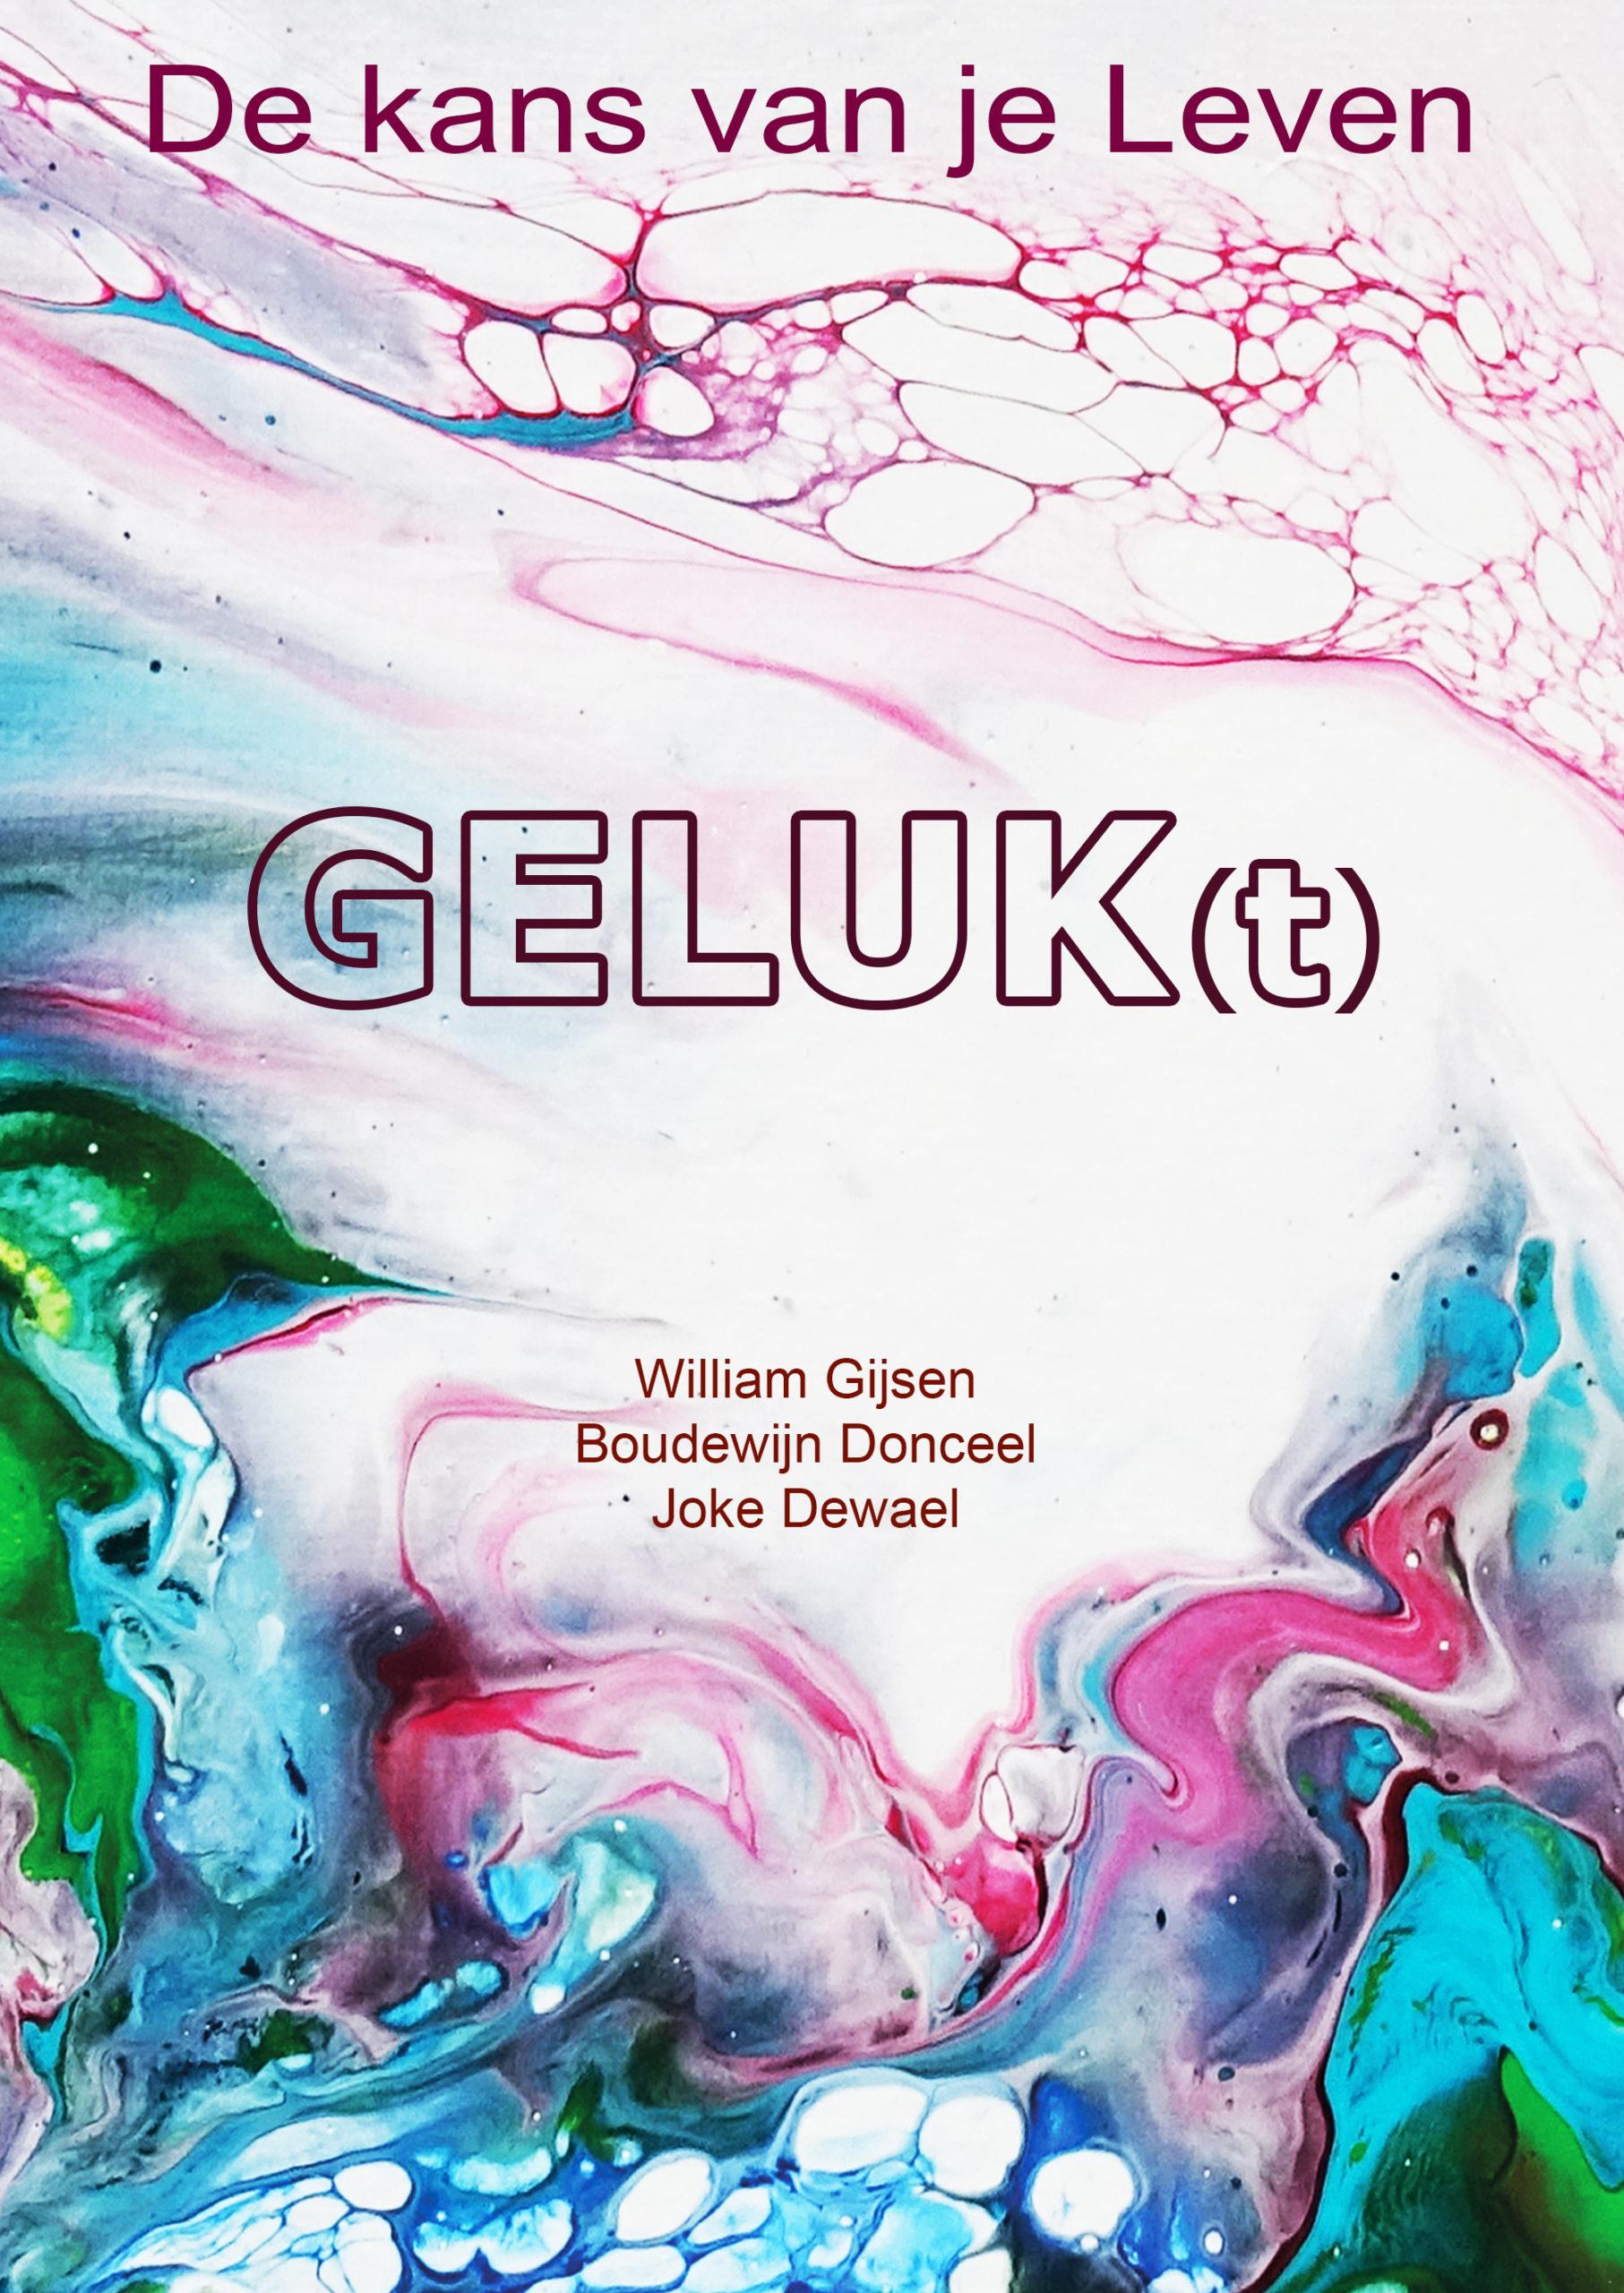 GELUK(t) - De kans van je Leven Image